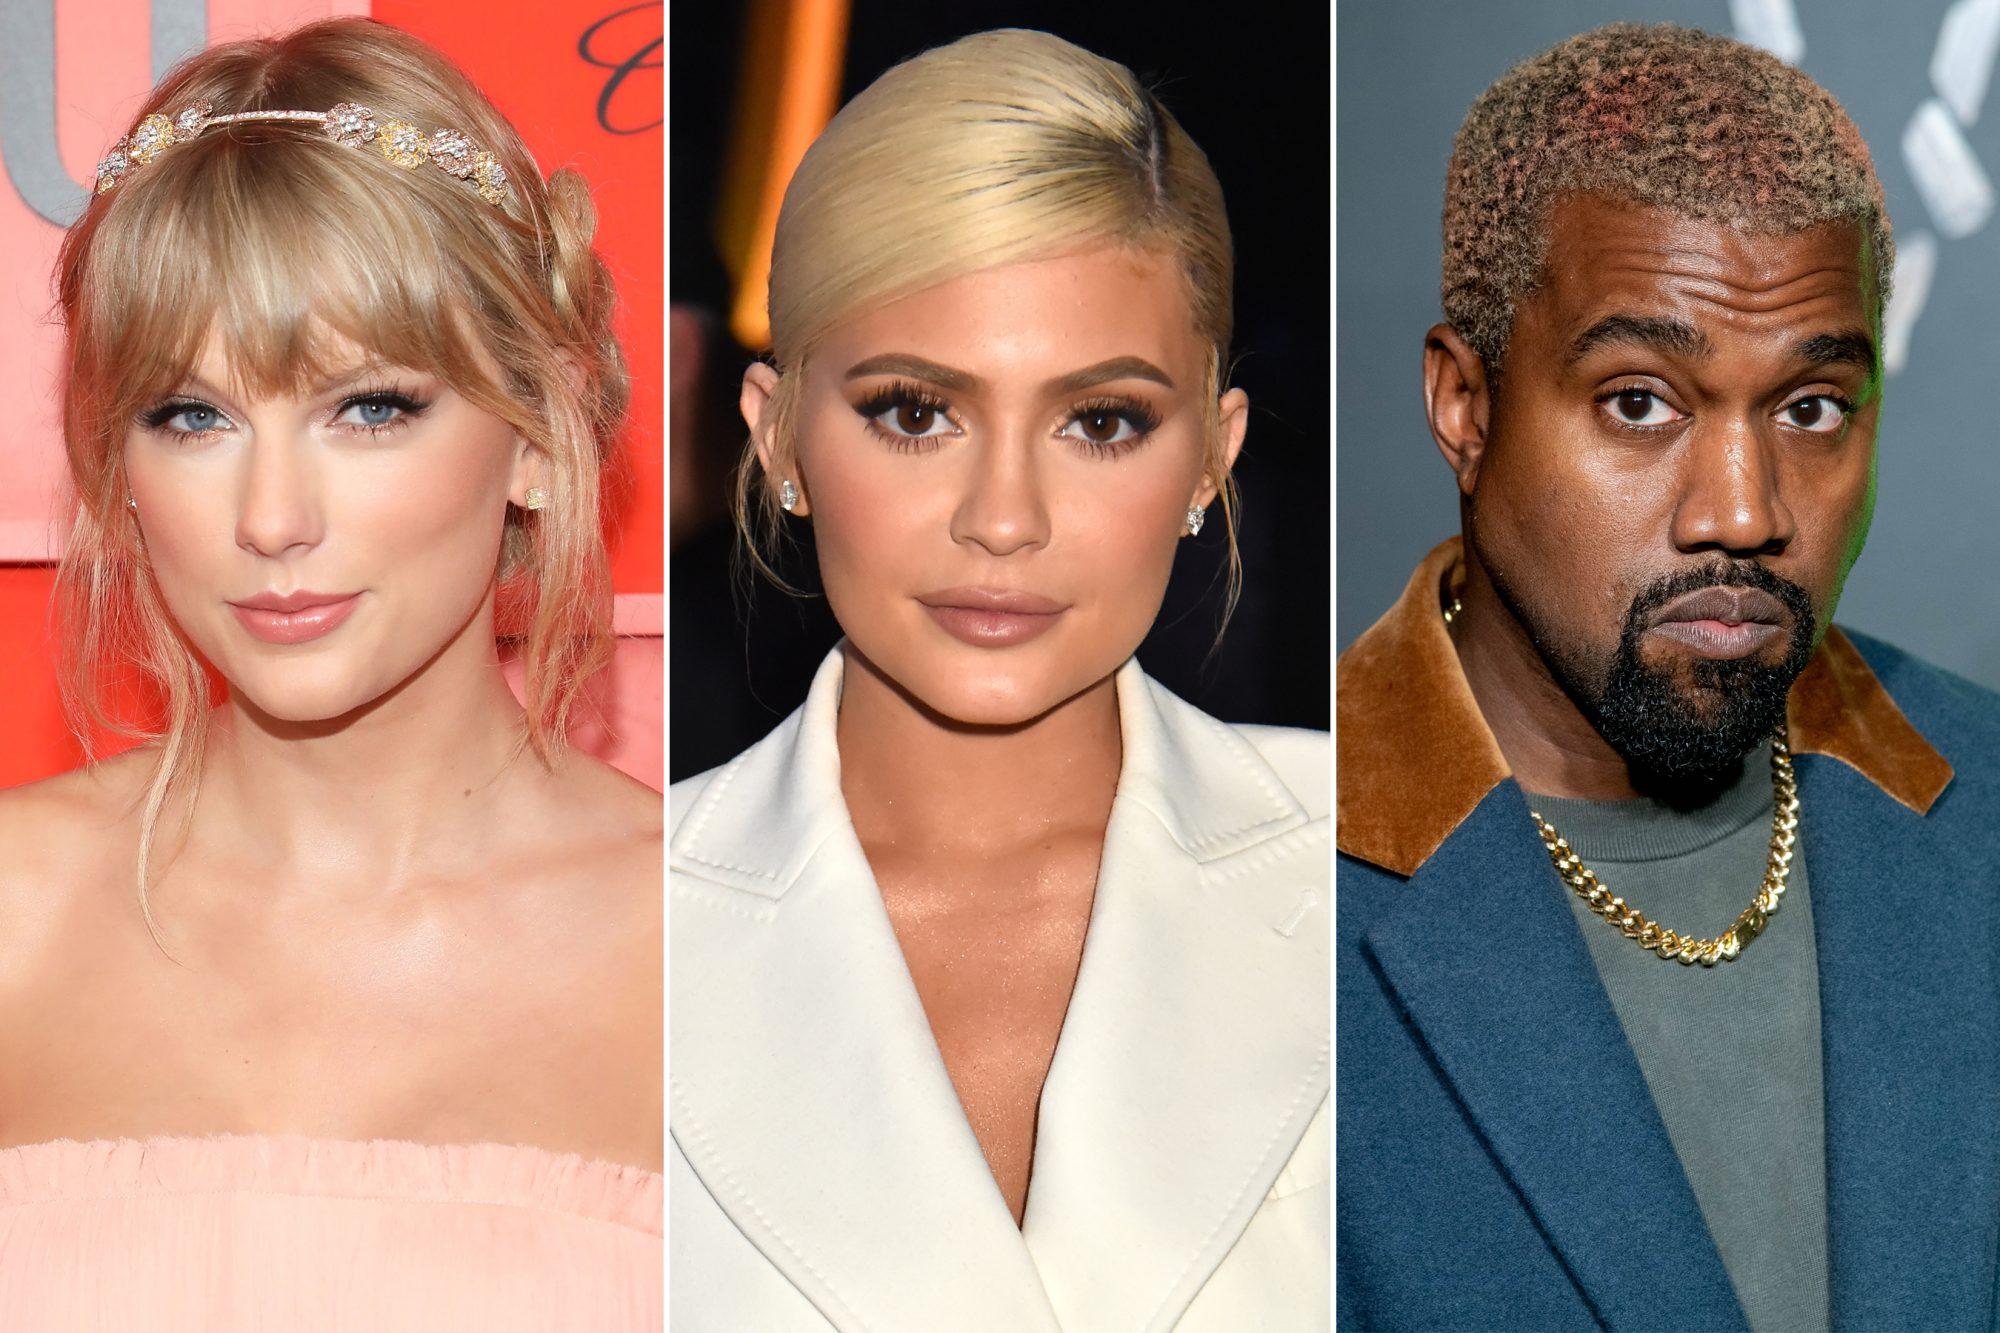 Taylor Swift; Kylie Jenner; Kanye West